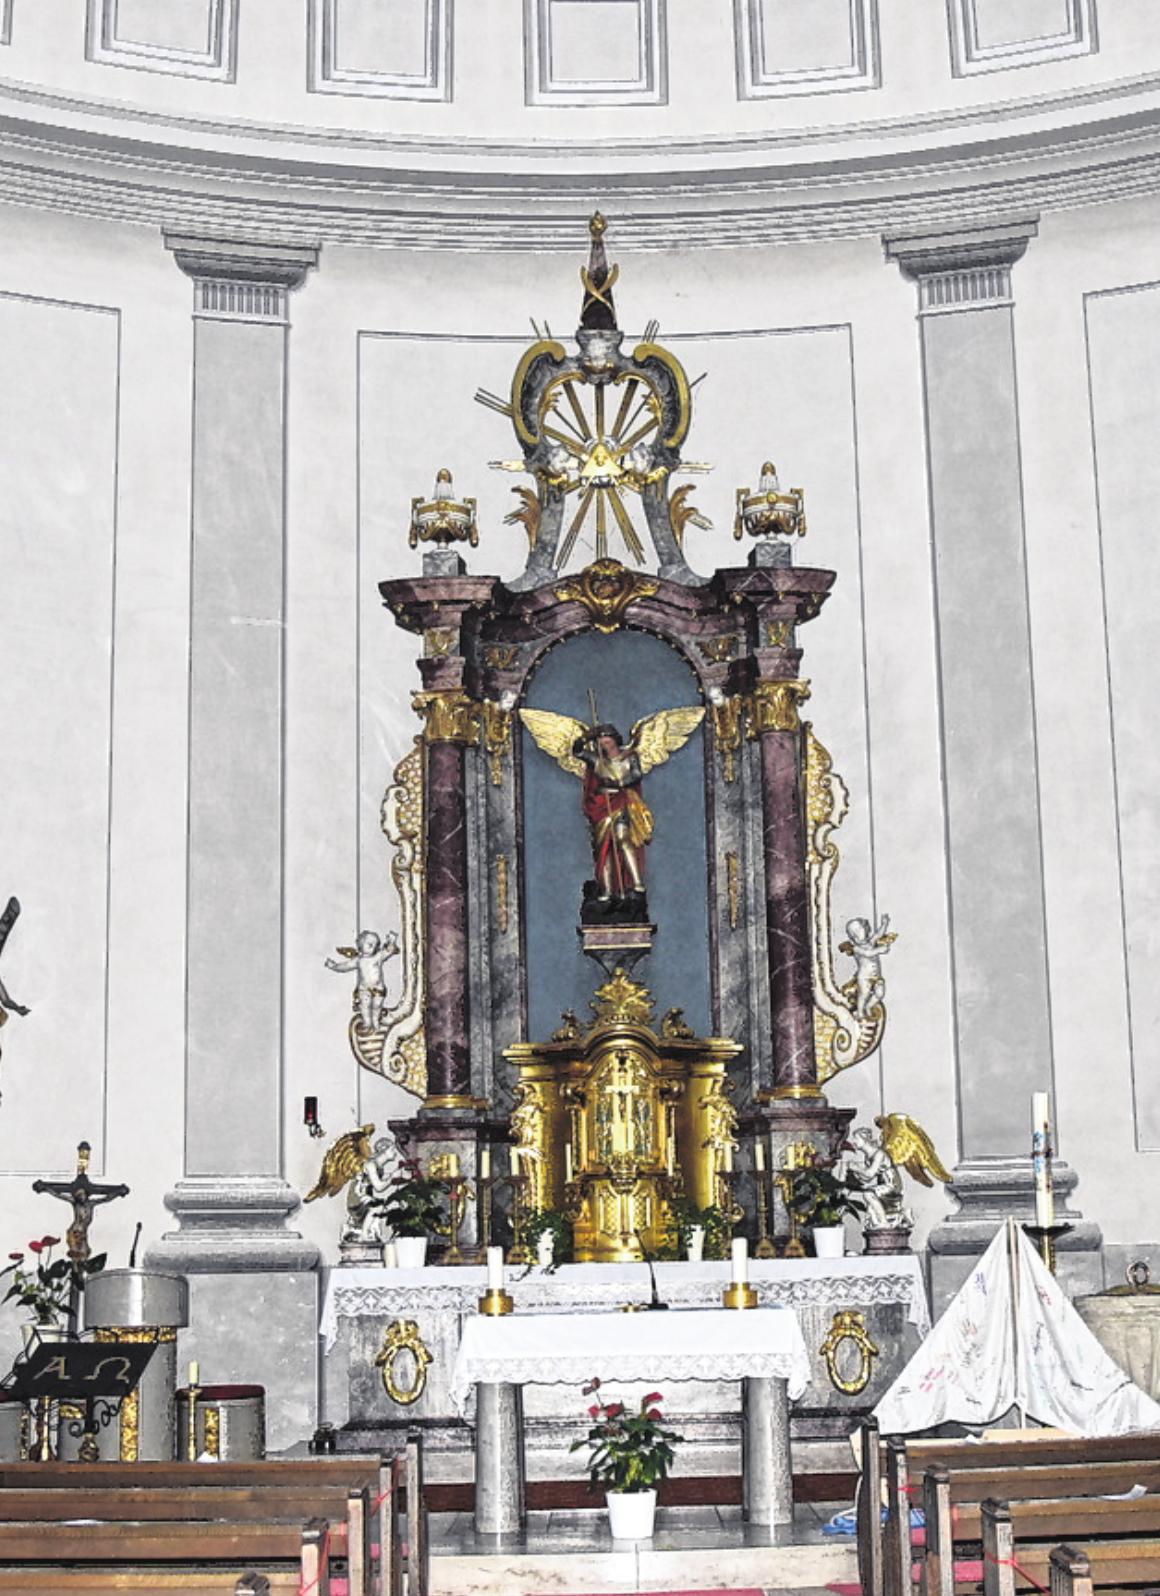 Der Hochaltar der Sankt-Andreas-Kirche, die im klassizistischen Stil erbaut wurde.